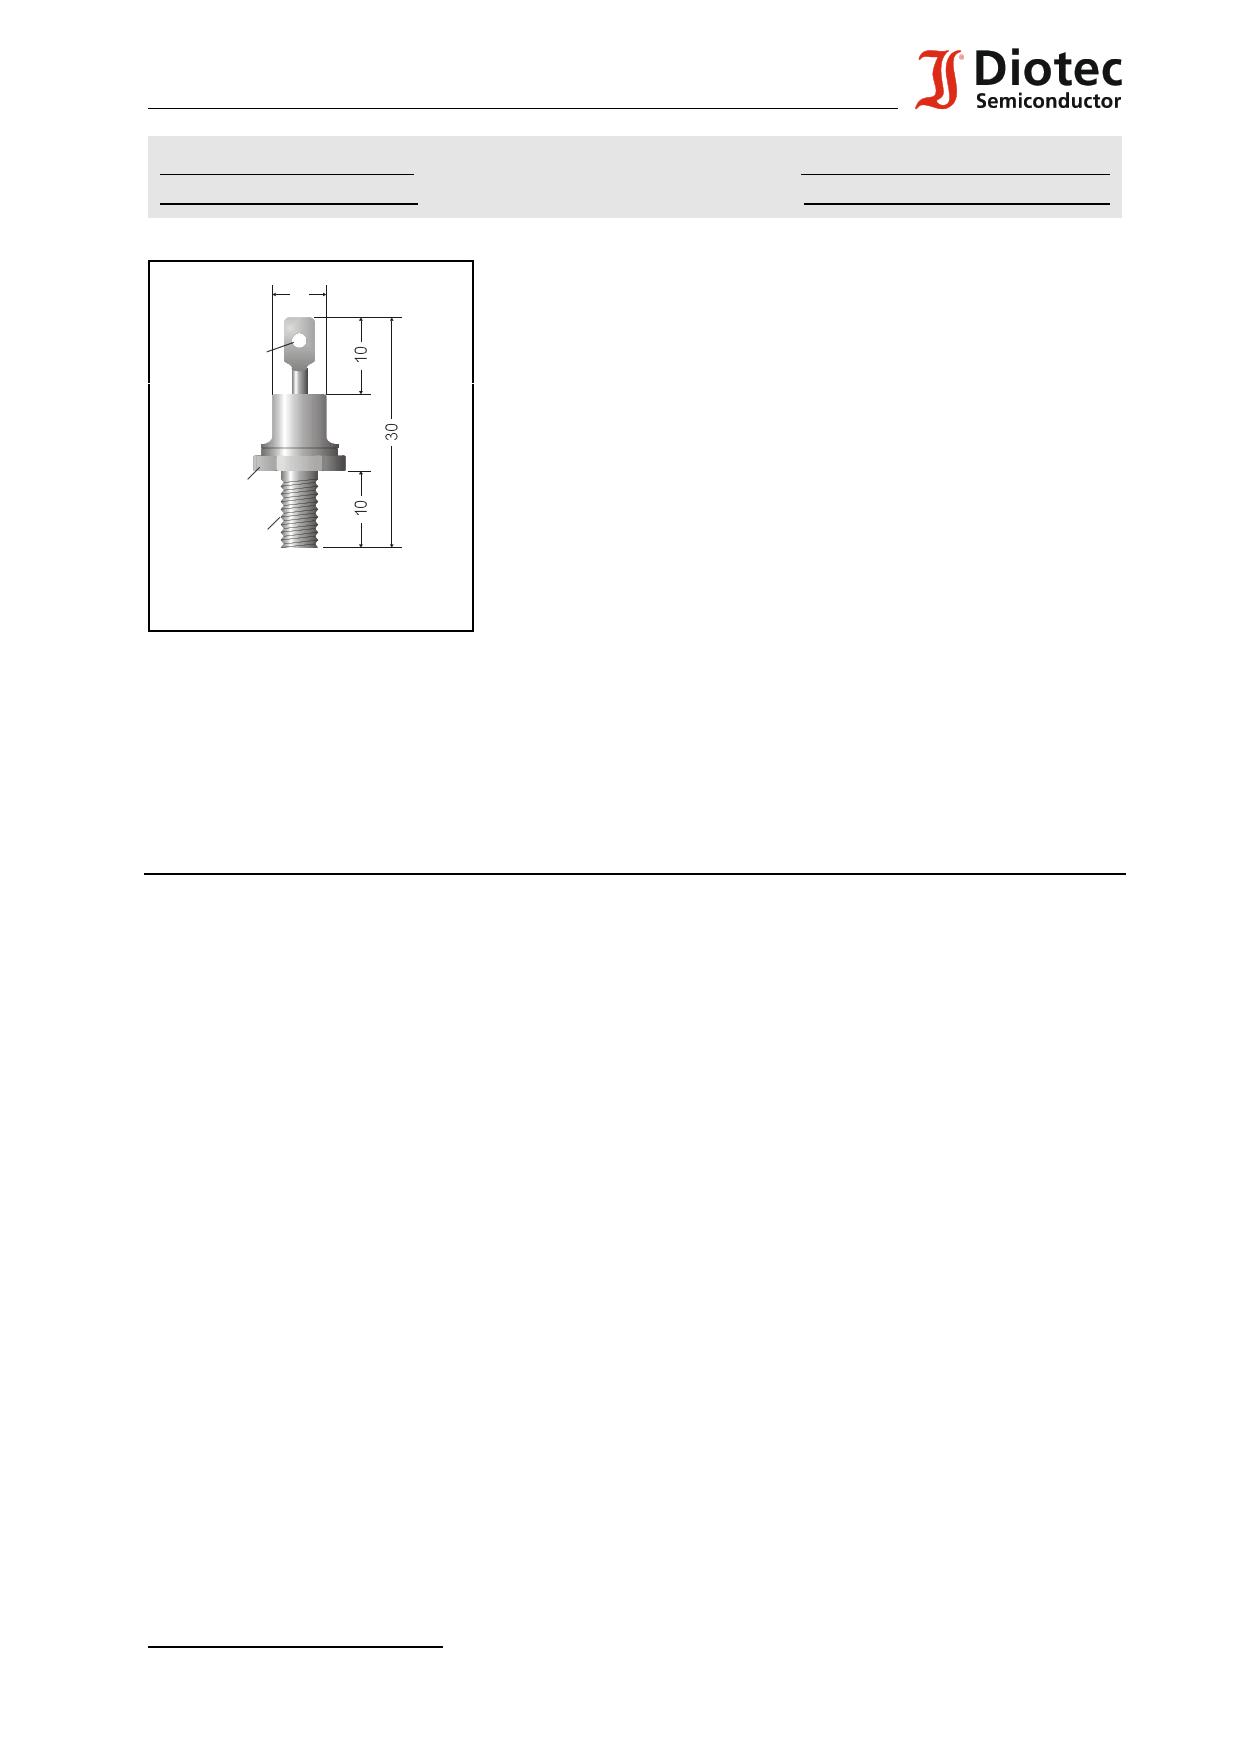 ZX130 datasheet